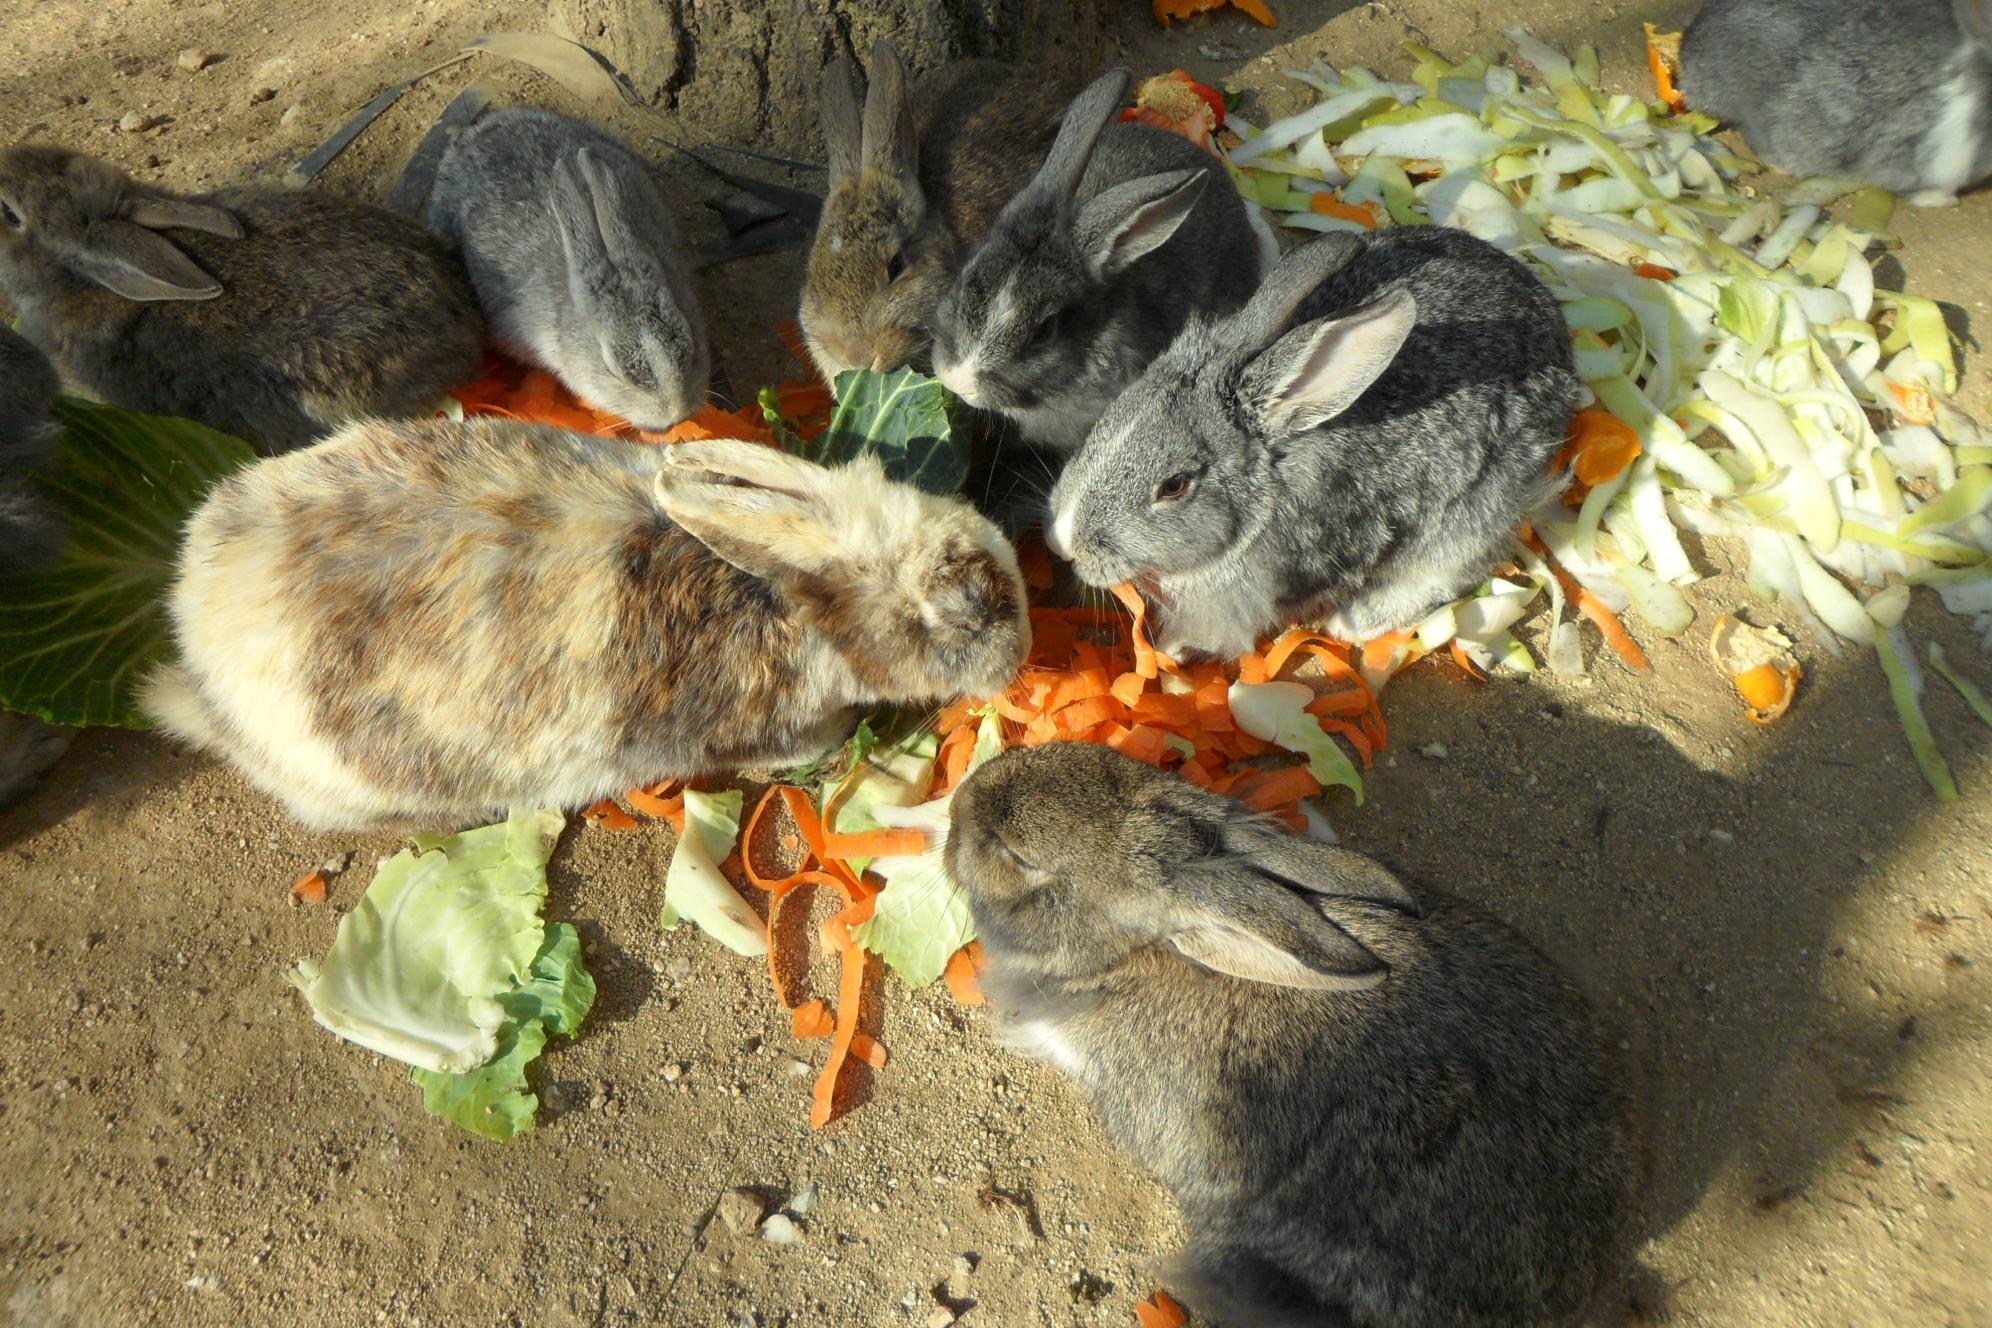 토끼들 세상-2대가 모여서 식사하는모습